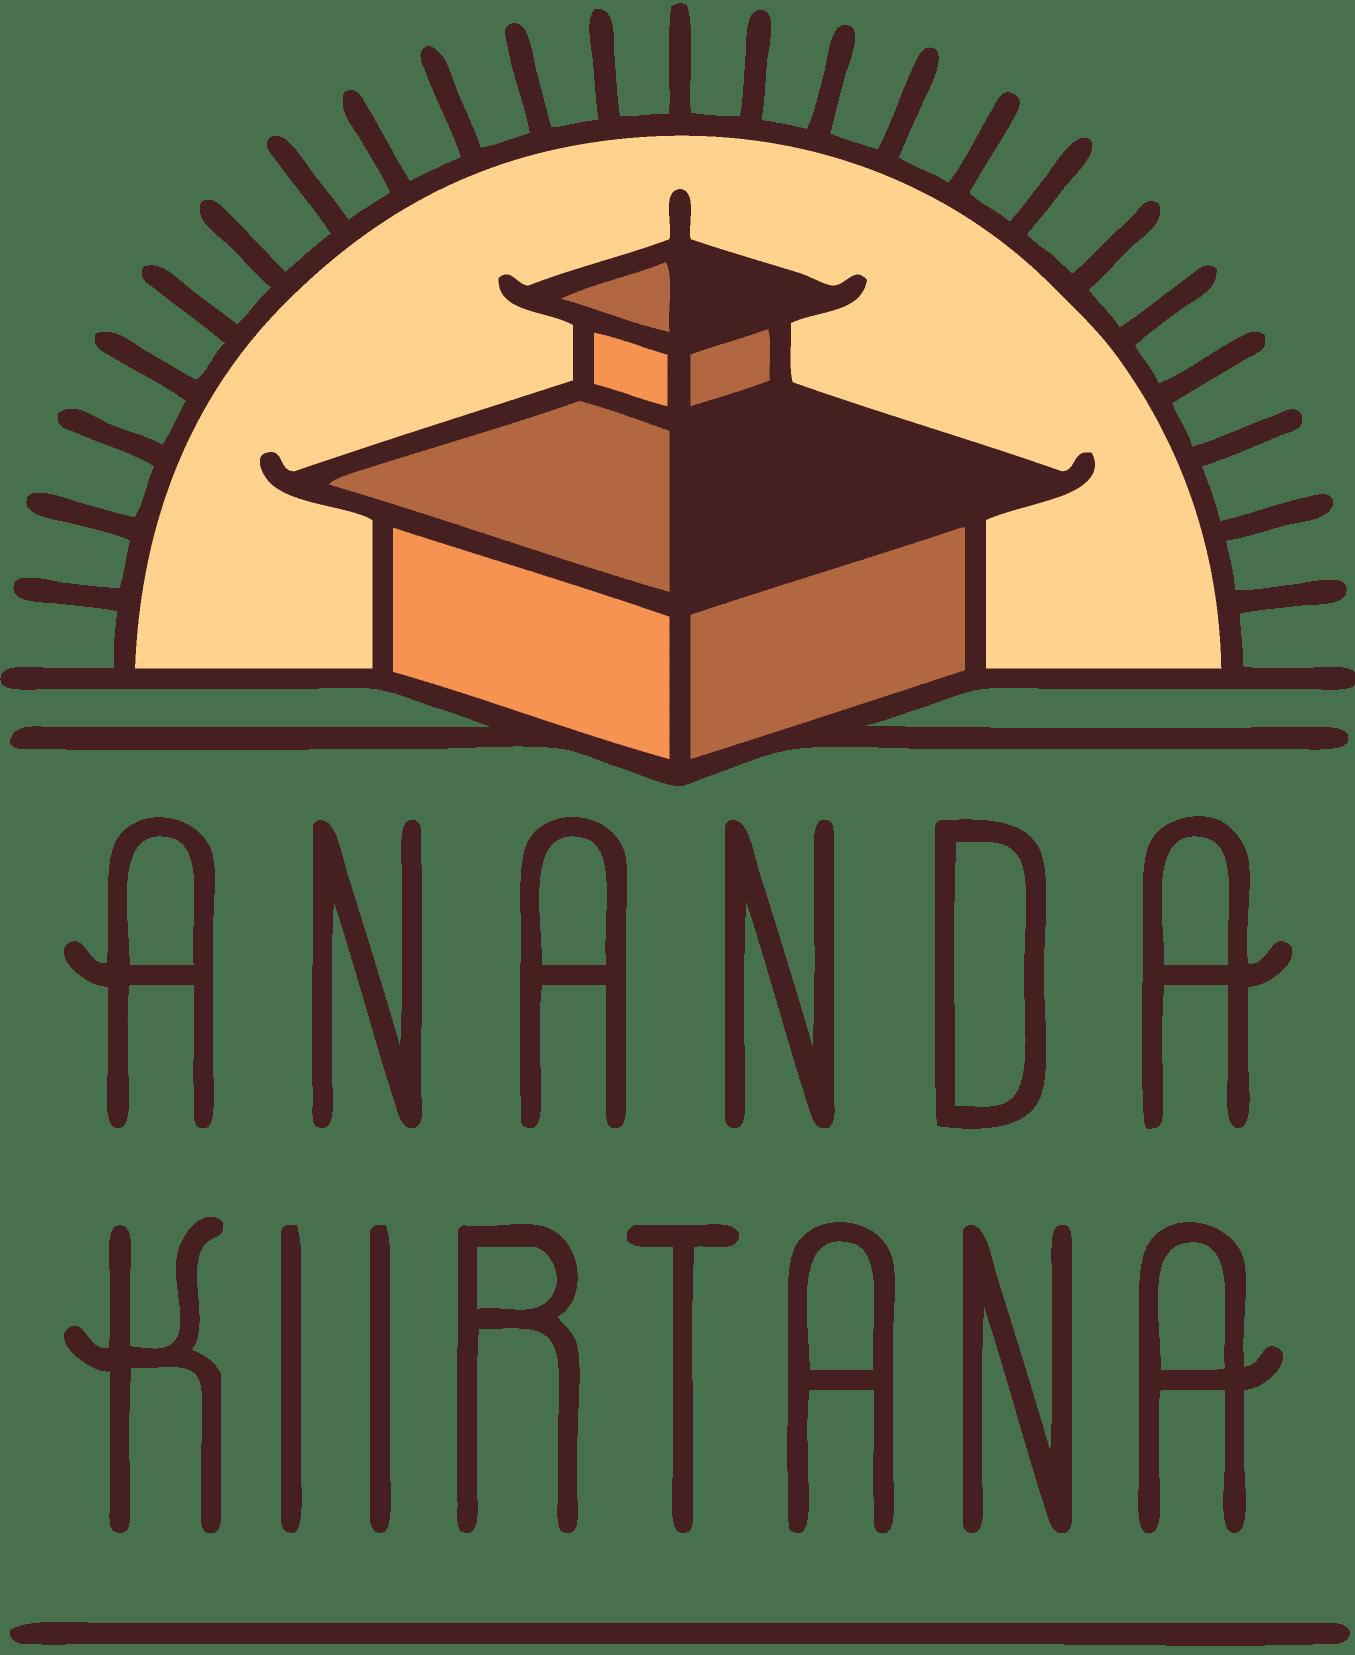 Ananda Kiirtana